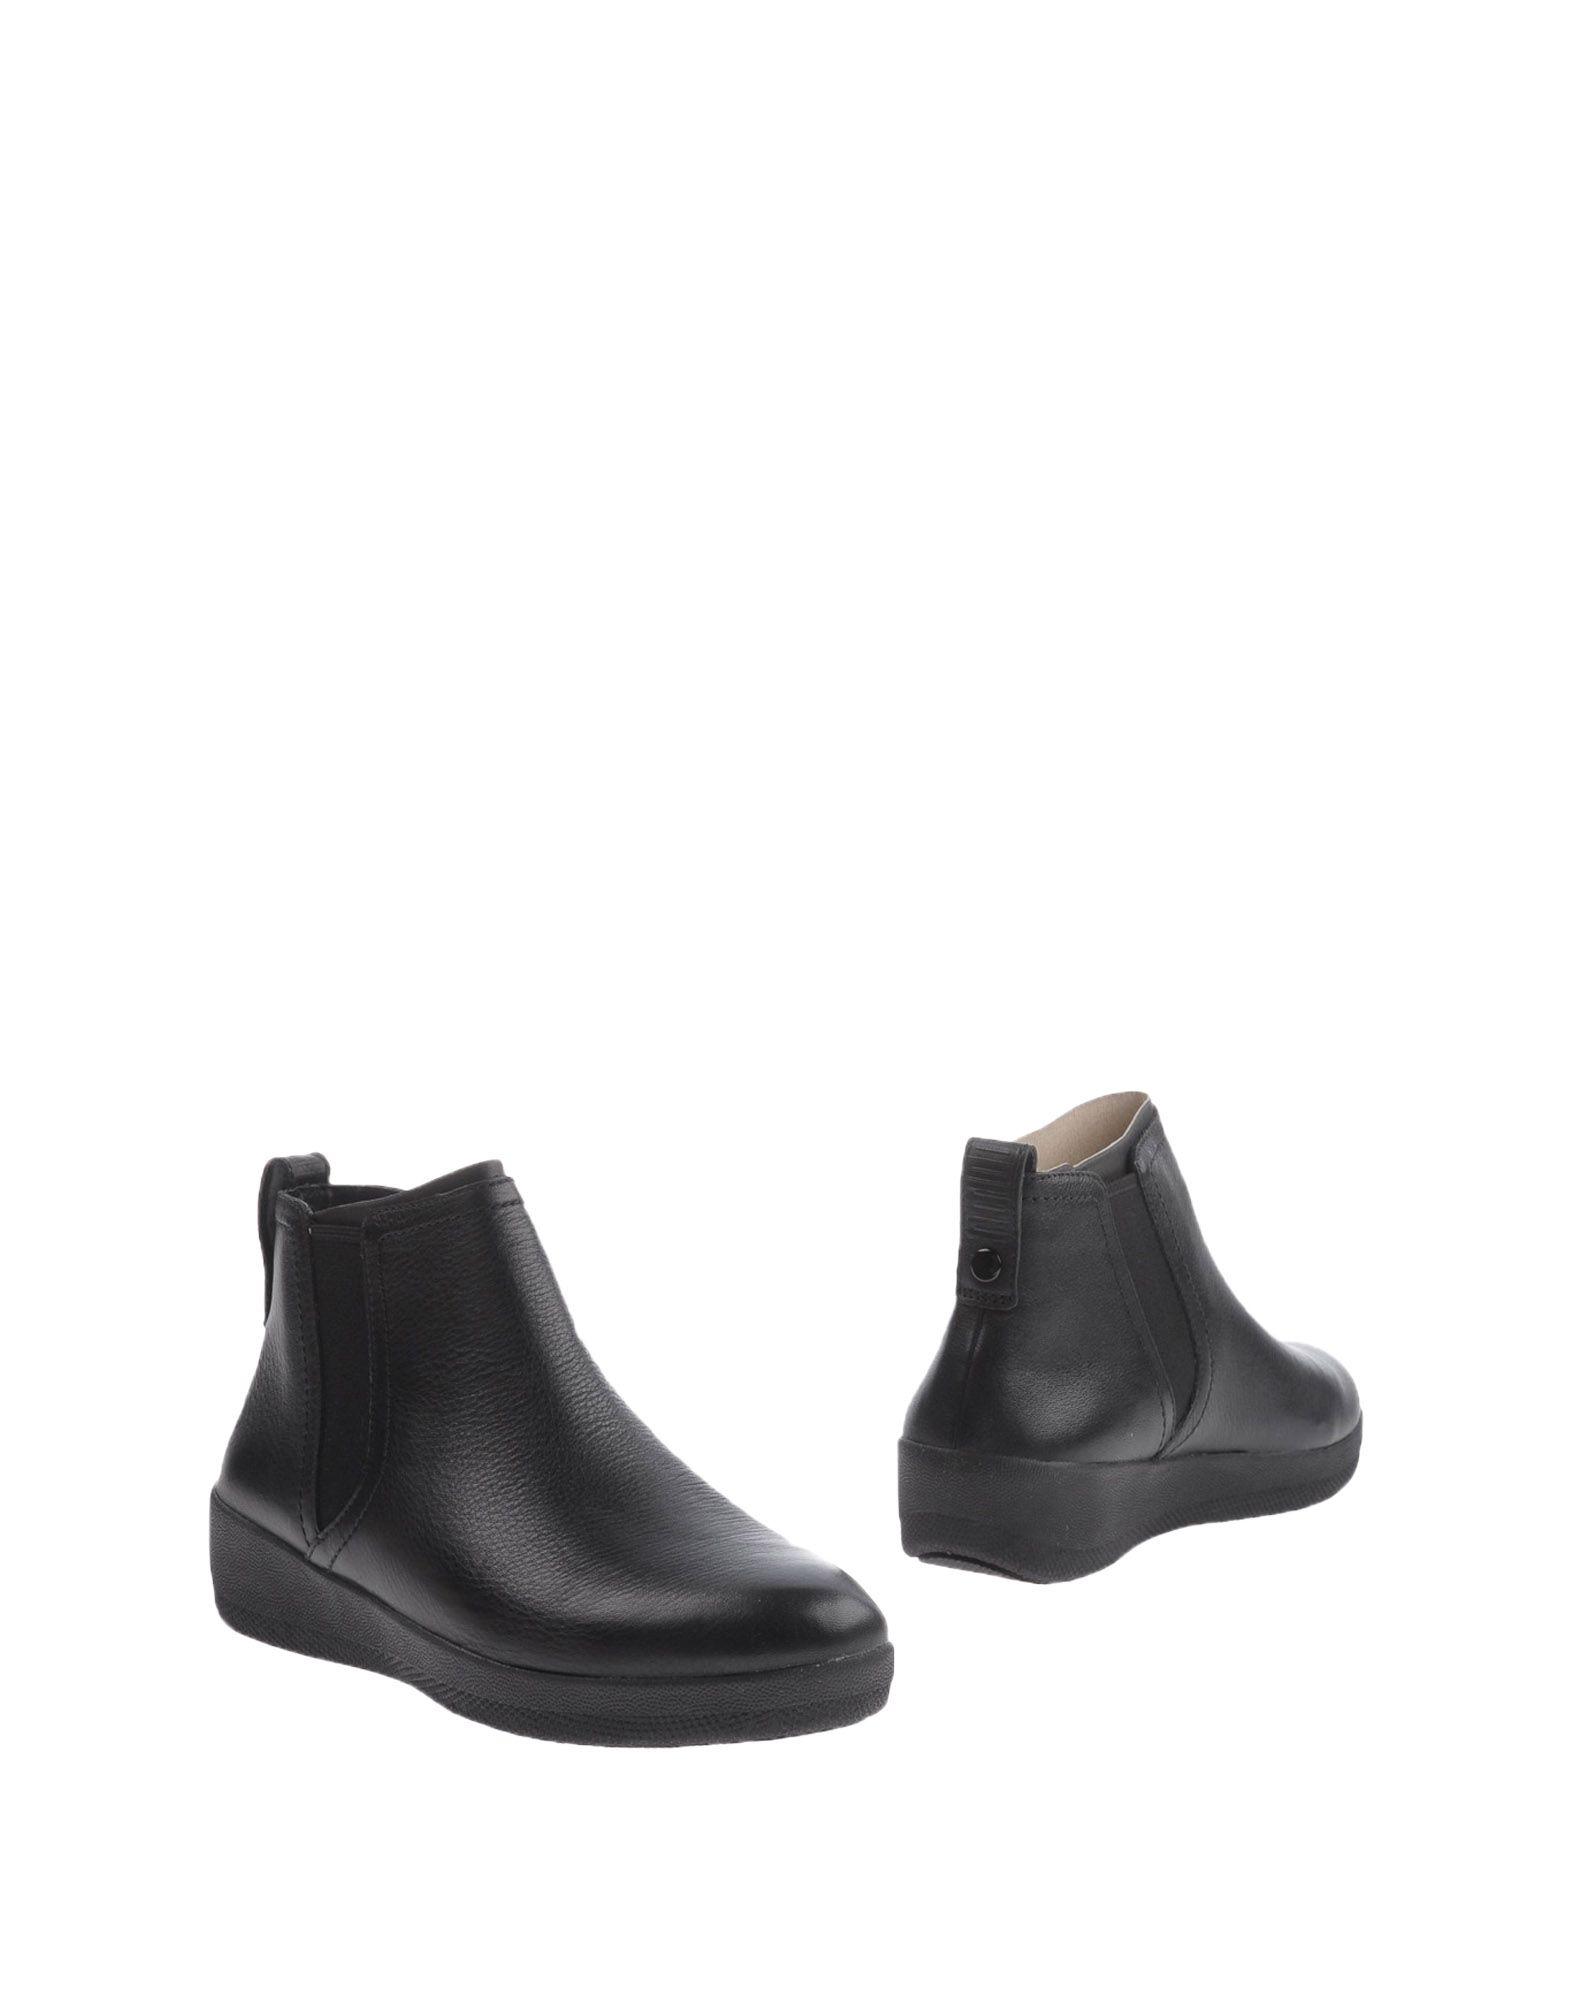 Fitflop Chelsea Boots Damen  11219802XV Gute Qualität beliebte Schuhe